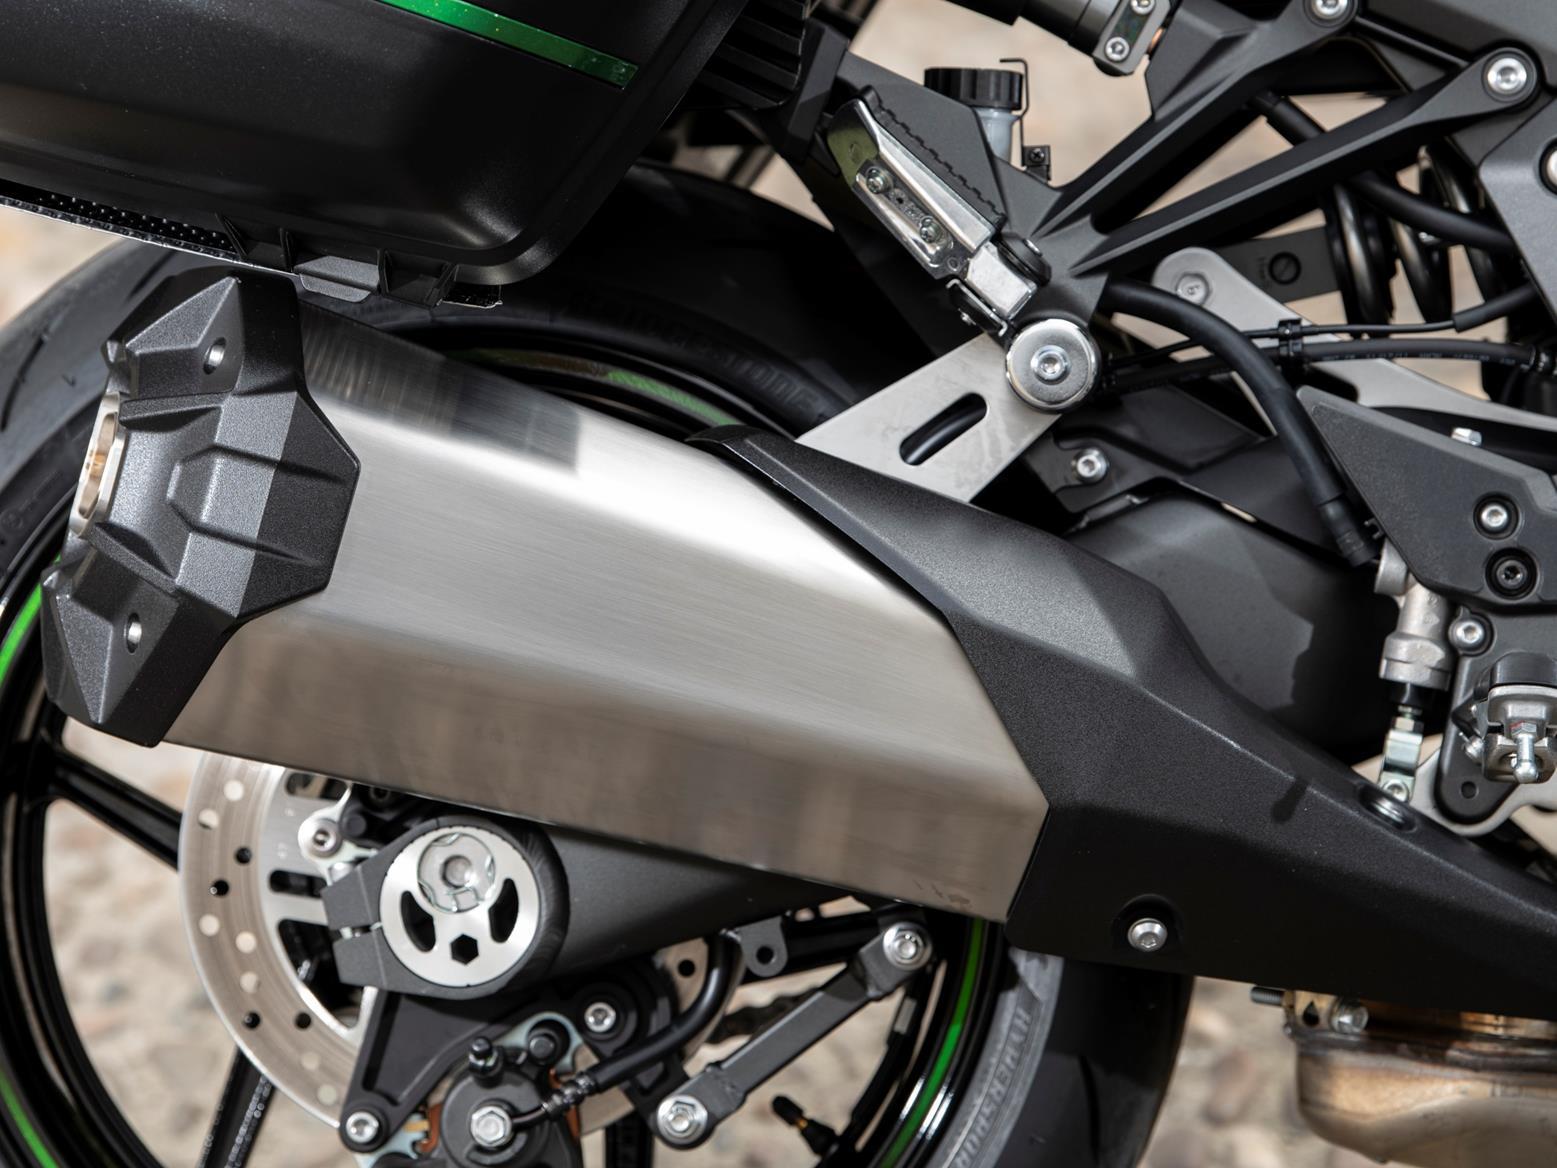 Kawasaki Ninja 1000SX exhaust